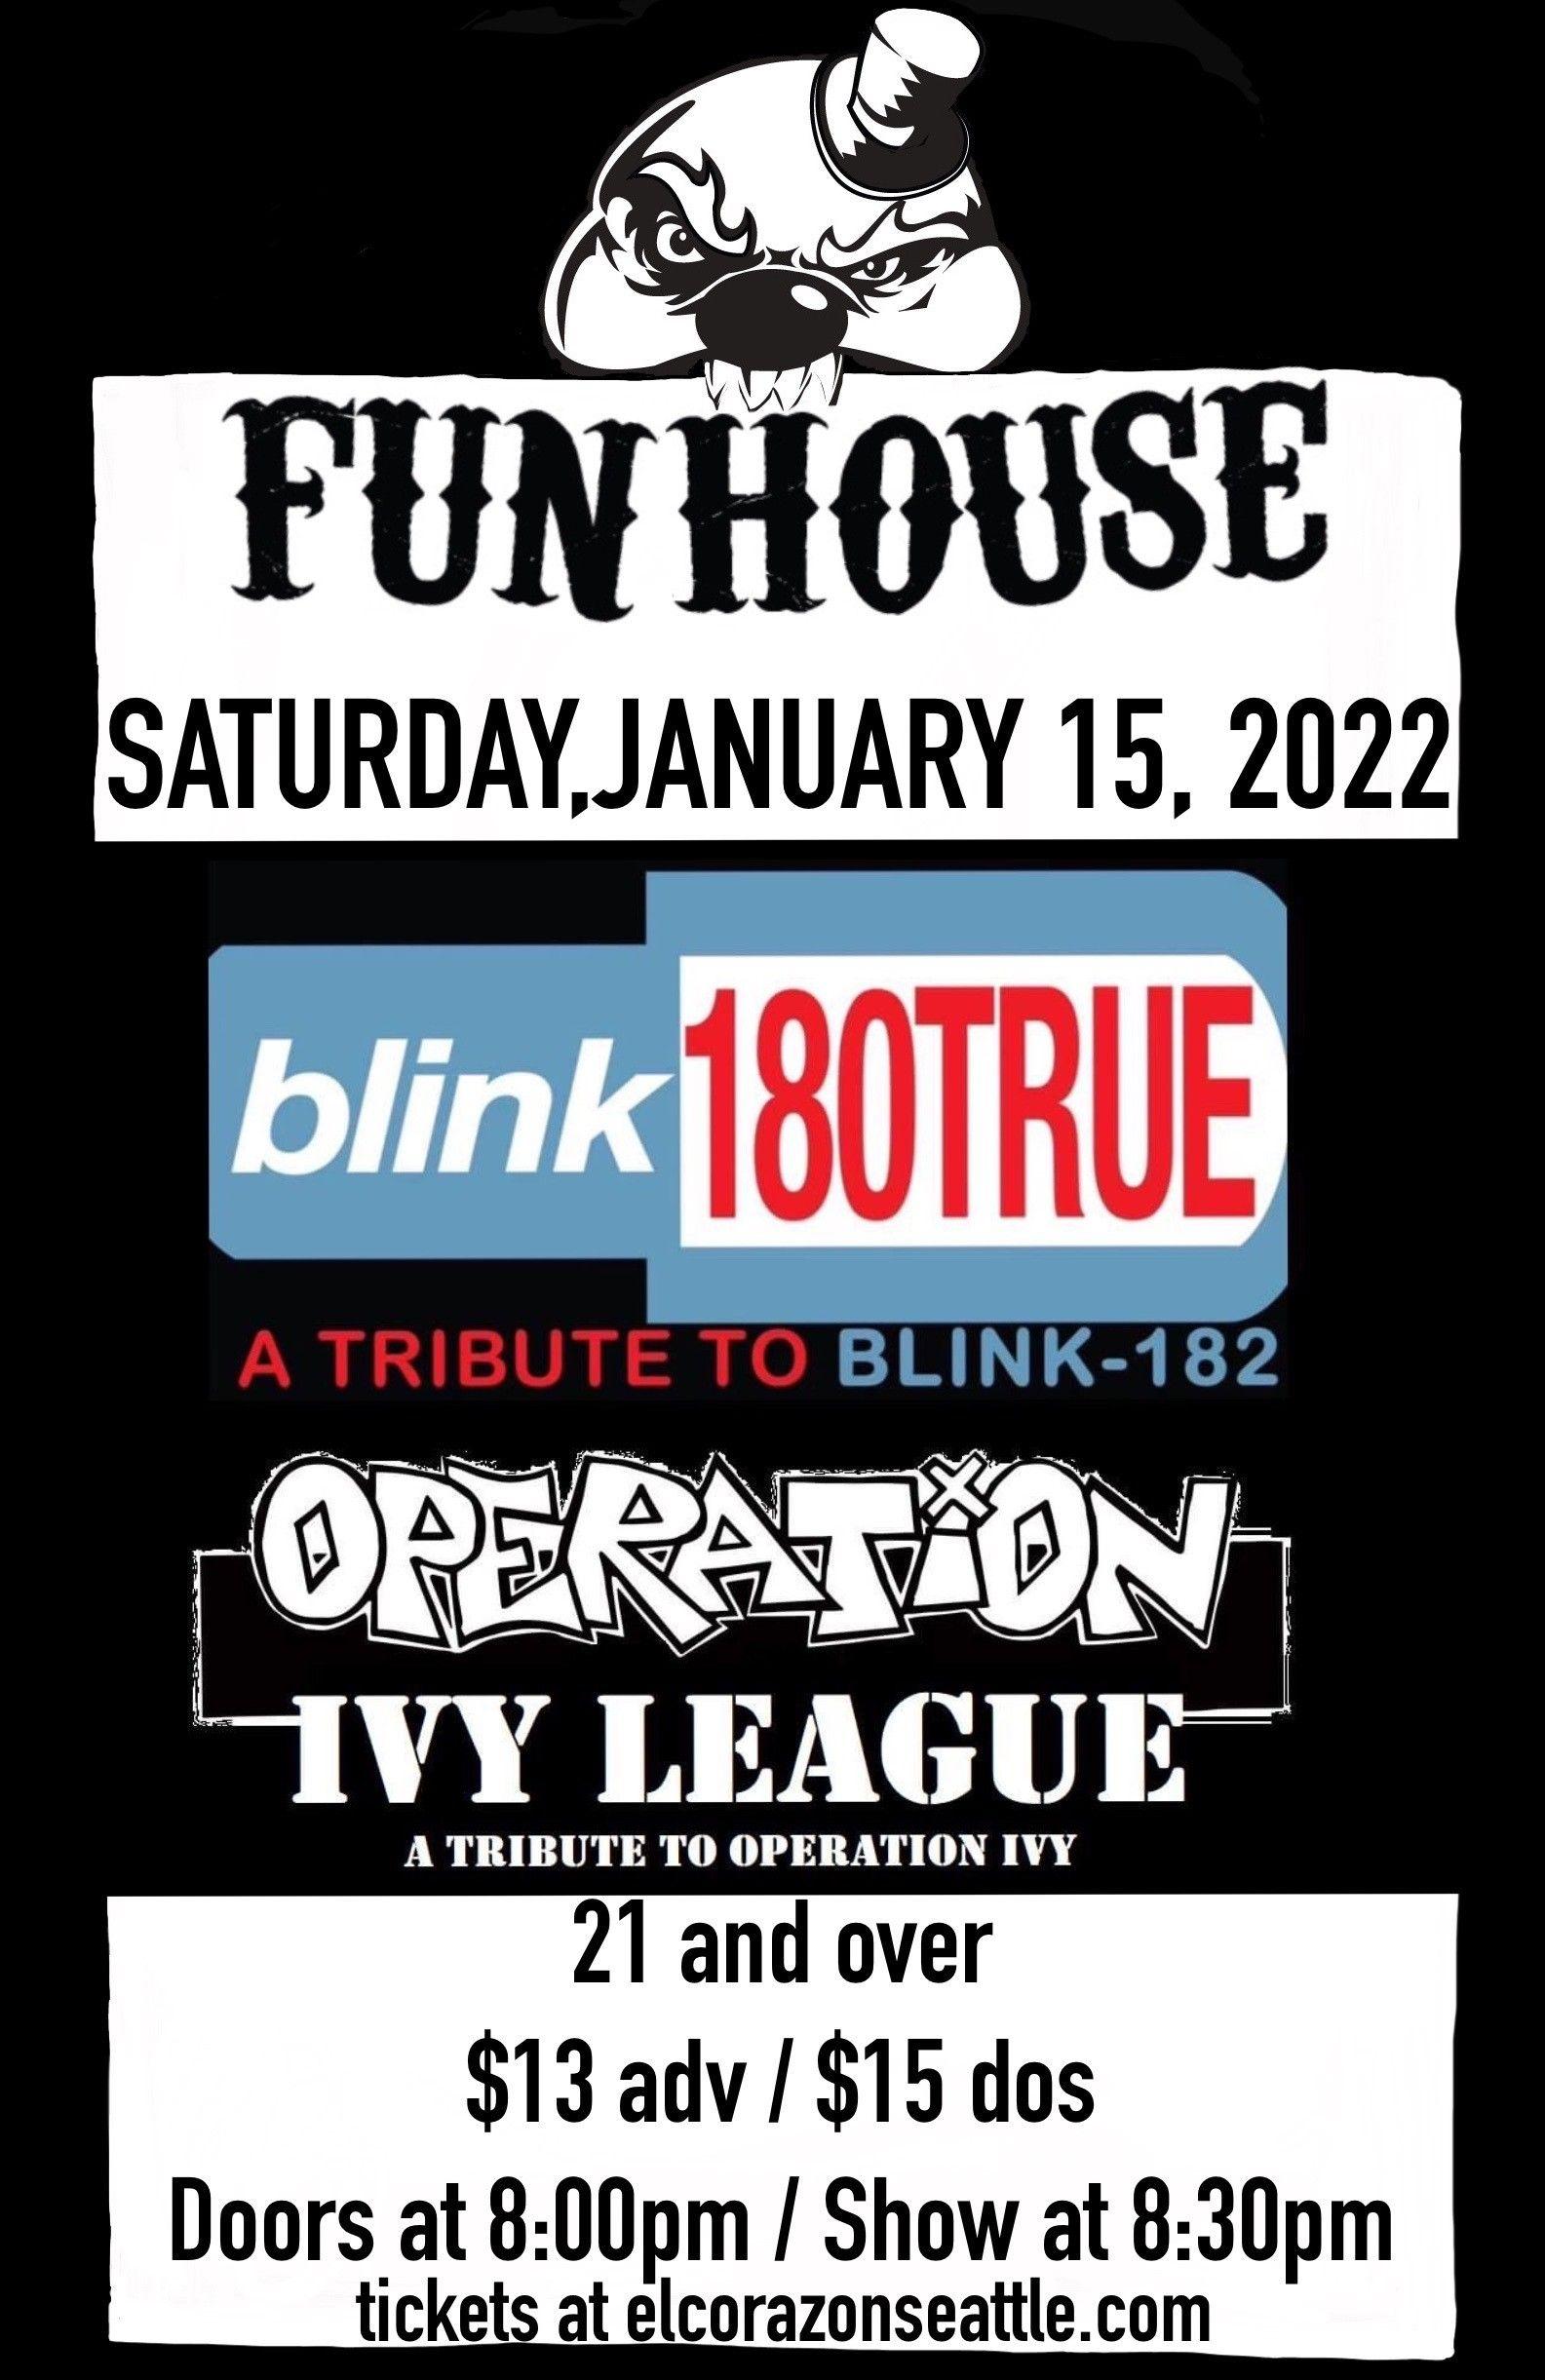 Blink 180TRUE: